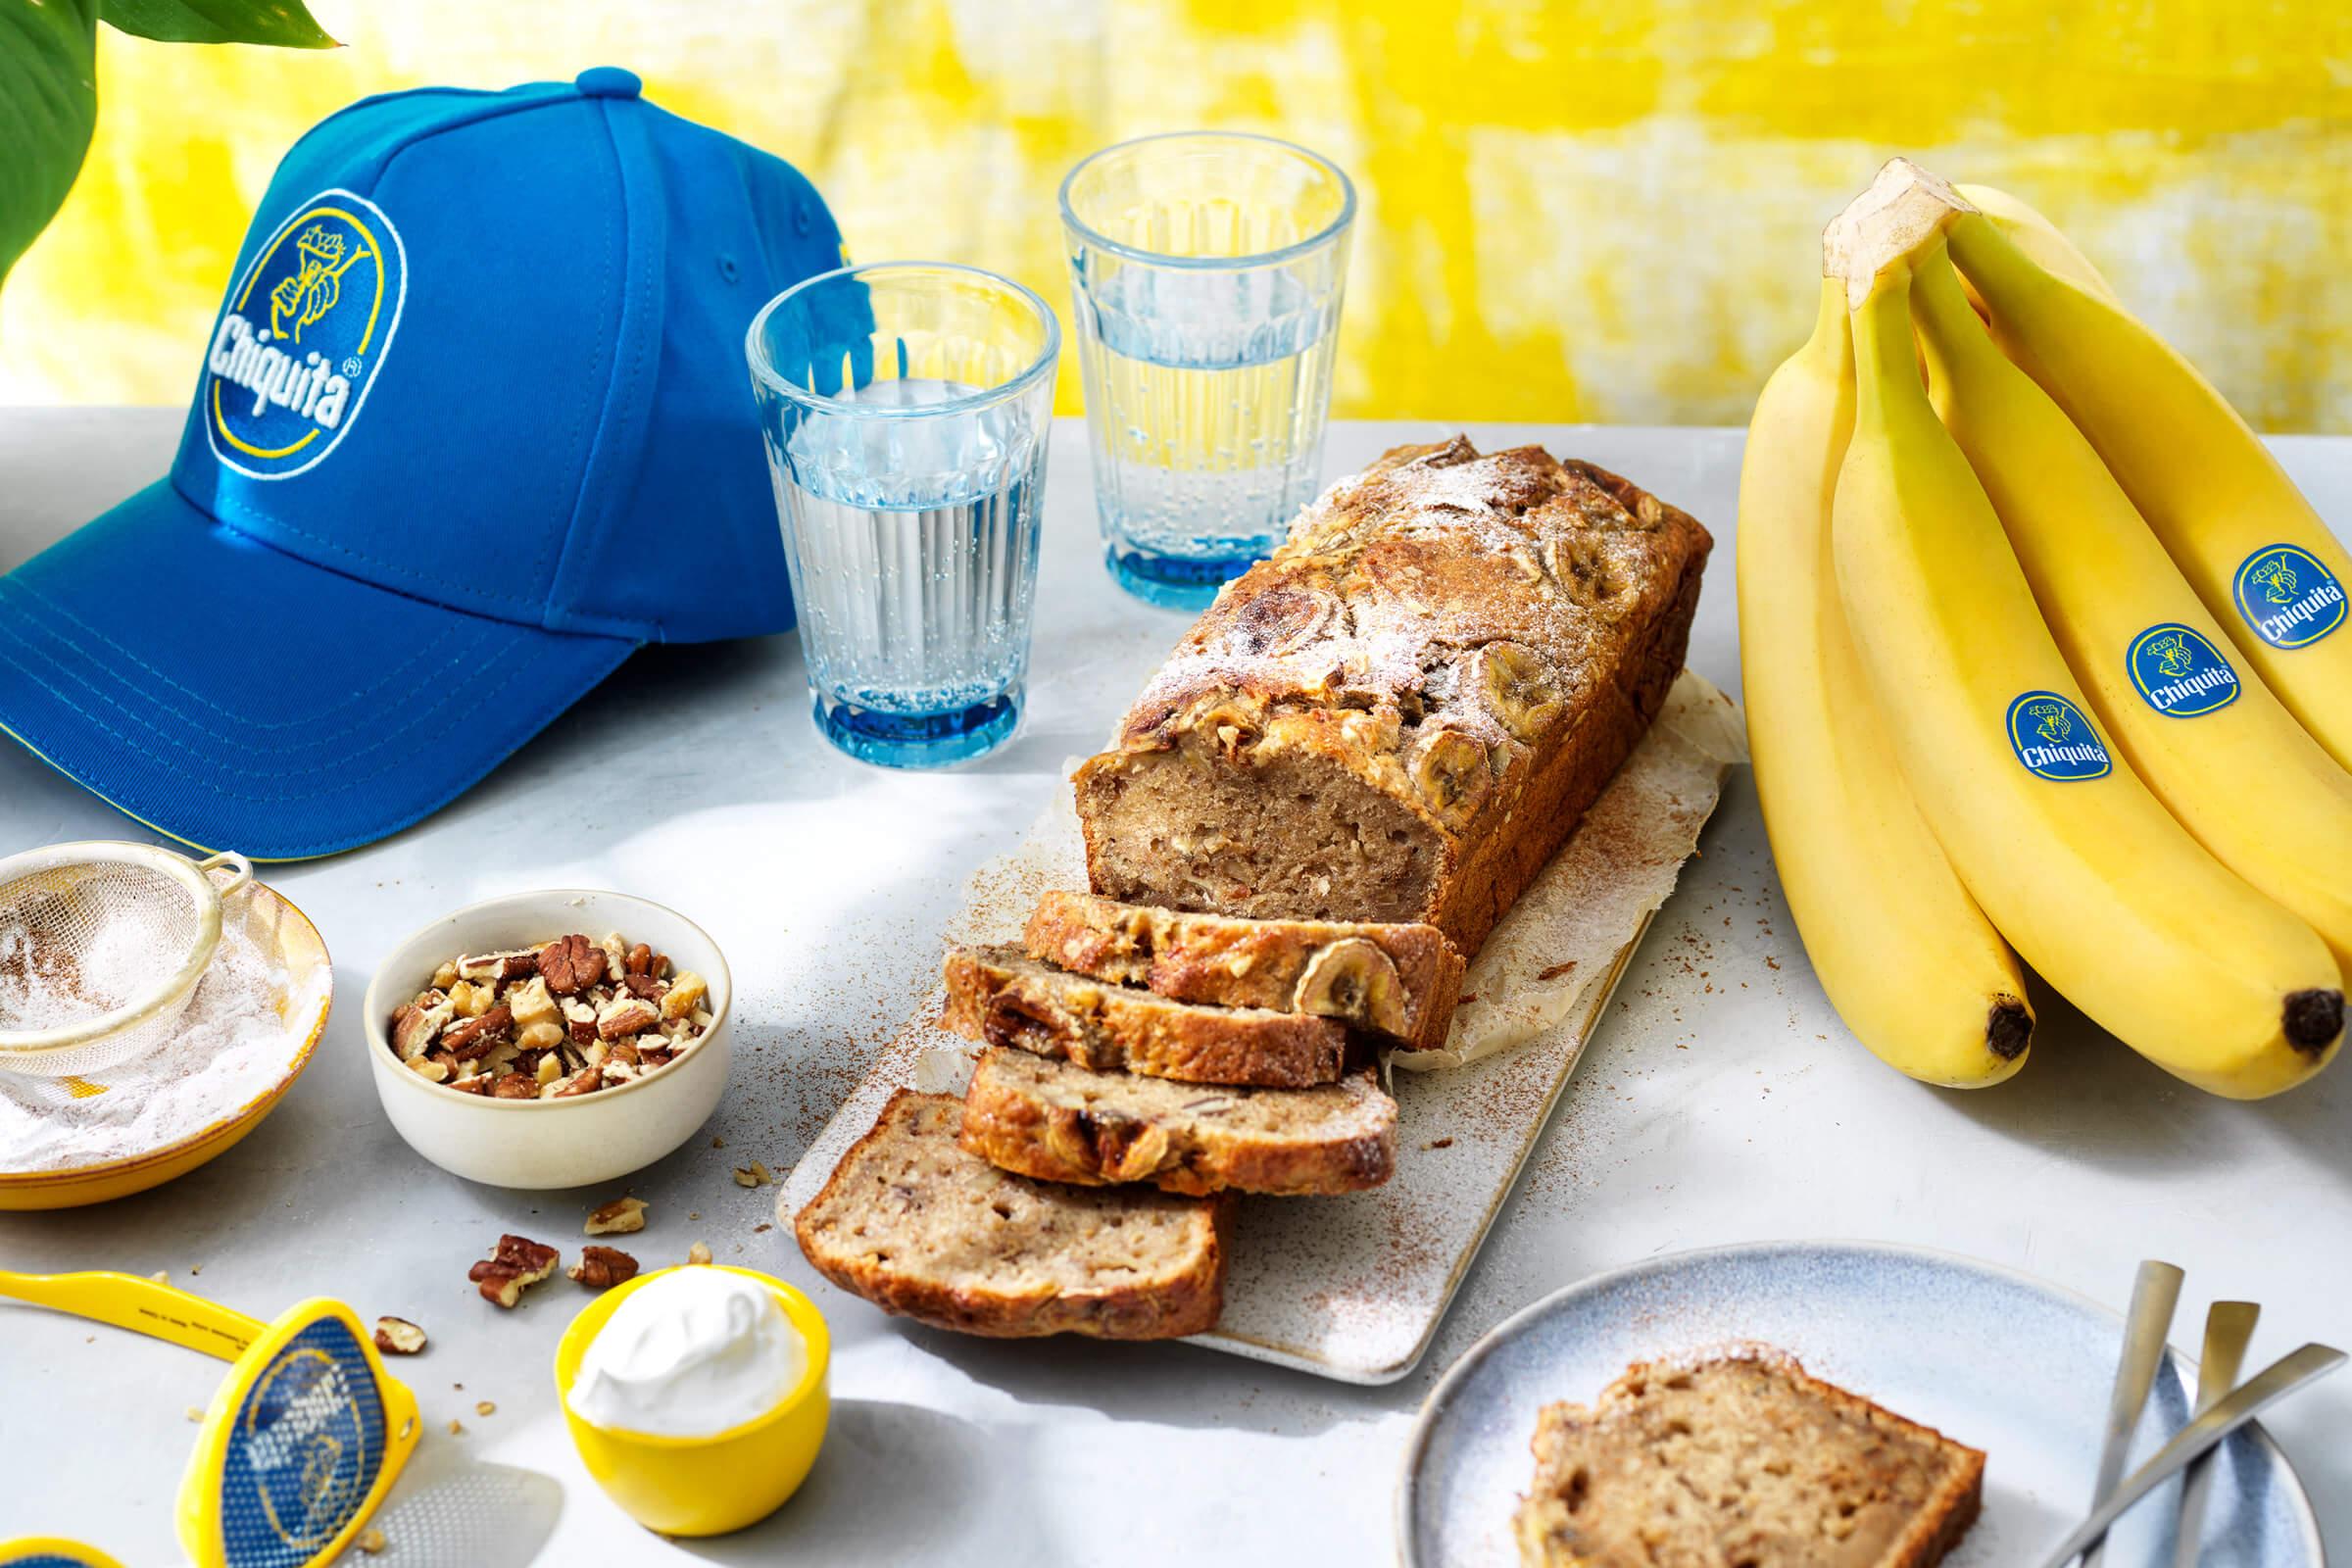 Banana bread con avanzi di banana Chiquita facile da preparare